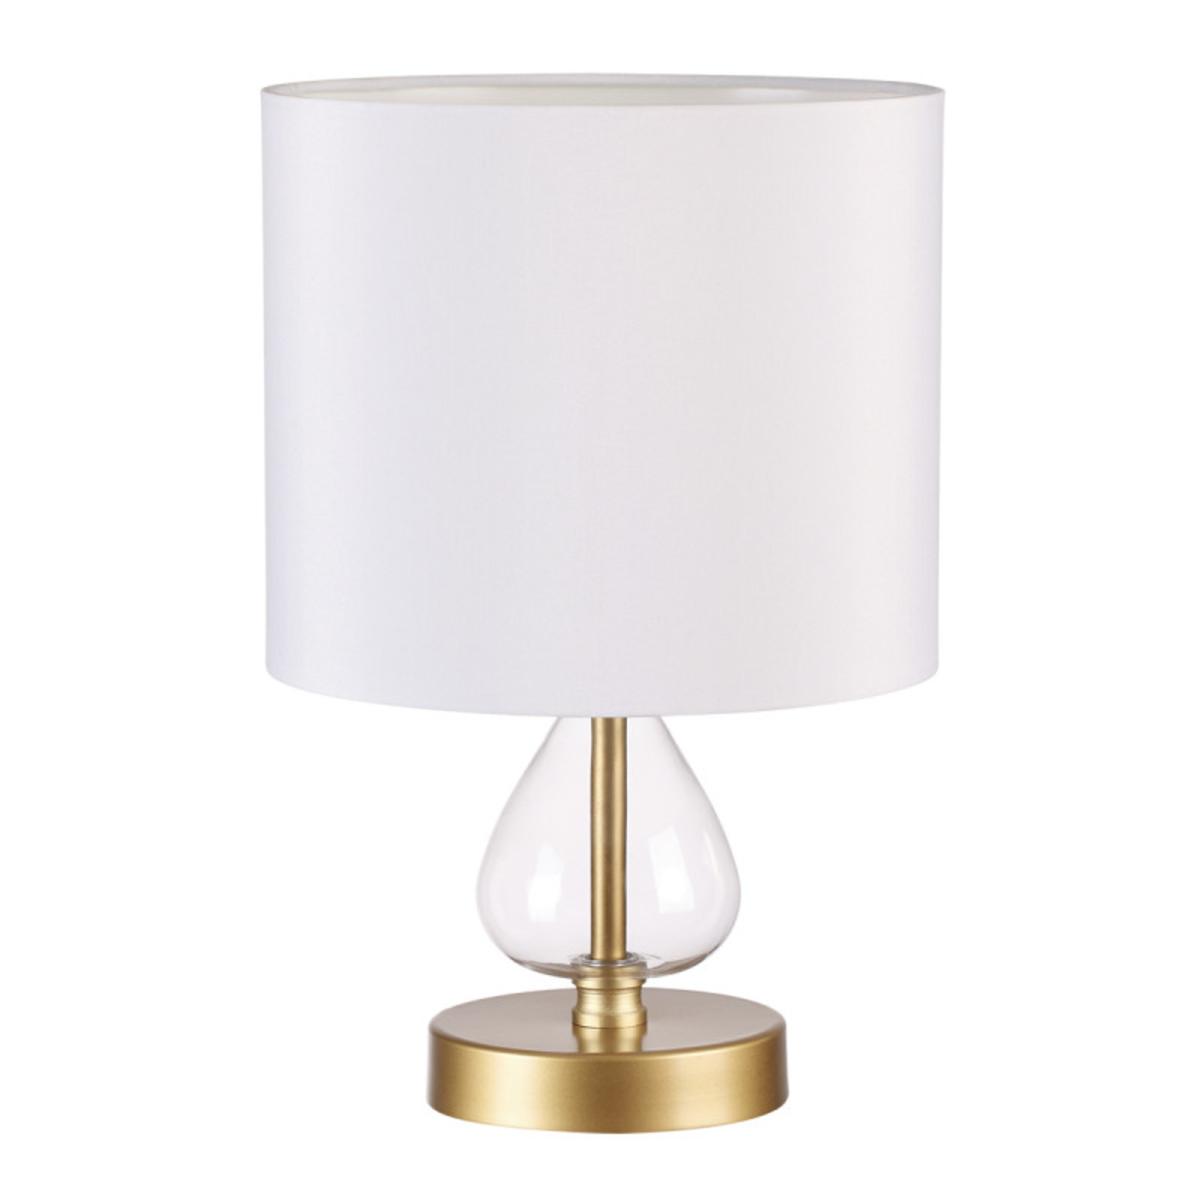 Купить Настольная лампа Giada Настольная лампа Odeon Light 3802/1T (15946), HomeMe